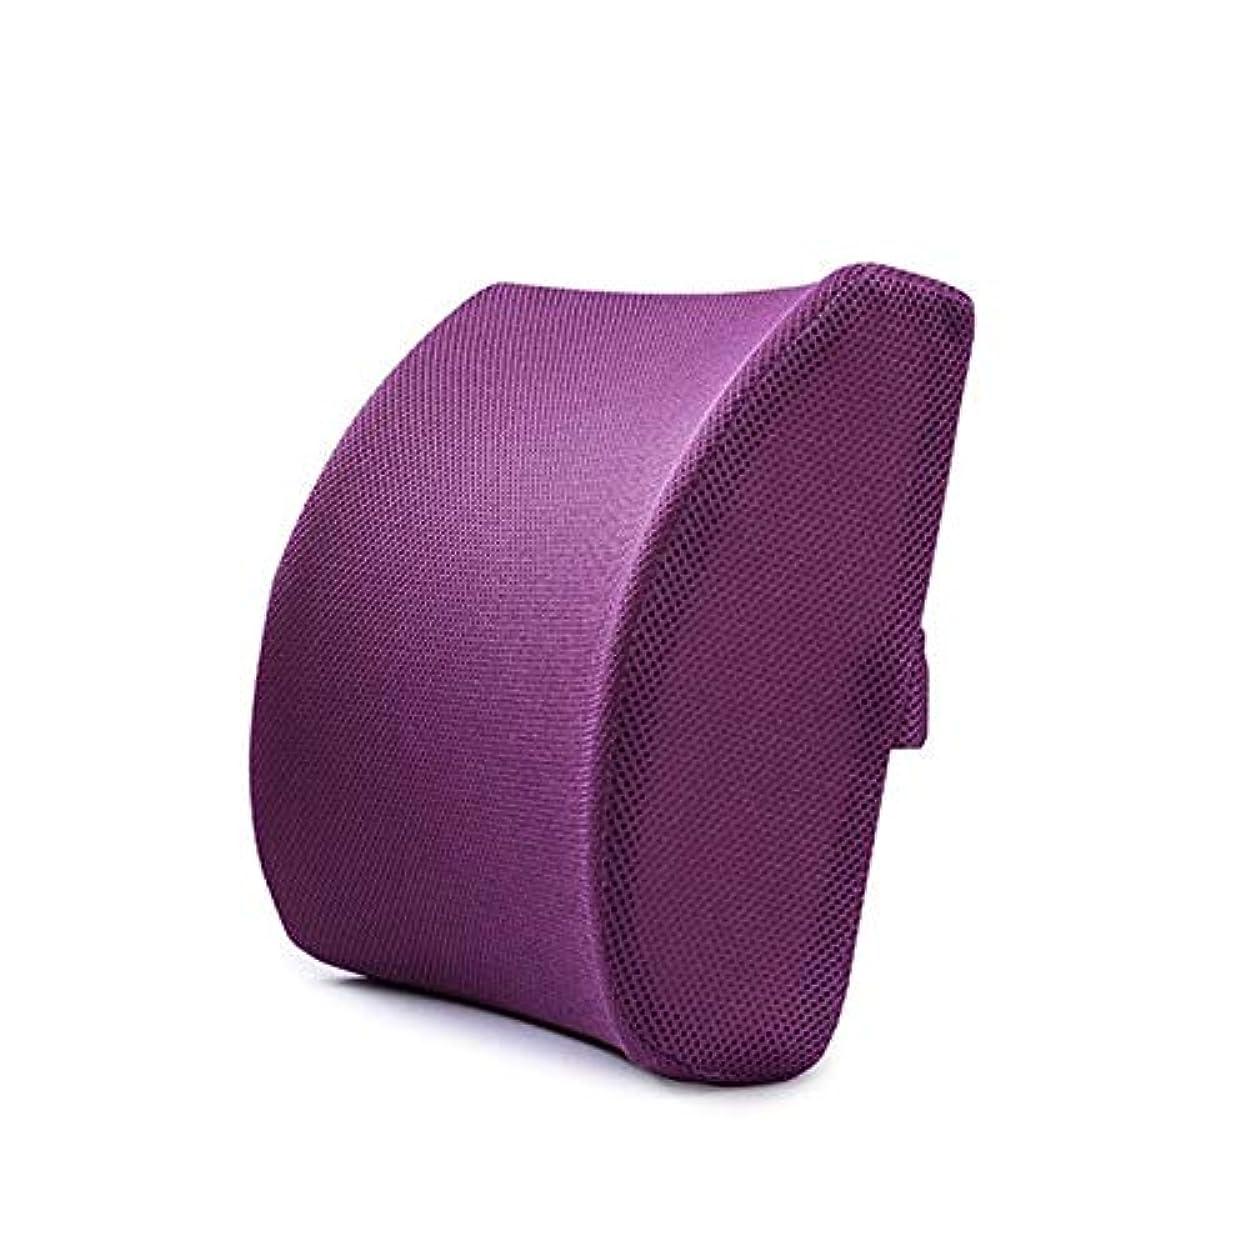 でマーカーまろやかなLIFE ホームオフィス背もたれ椅子腰椎クッションカーシートネック枕 3D 低反発サポートバックマッサージウエストレスリビング枕 クッション 椅子